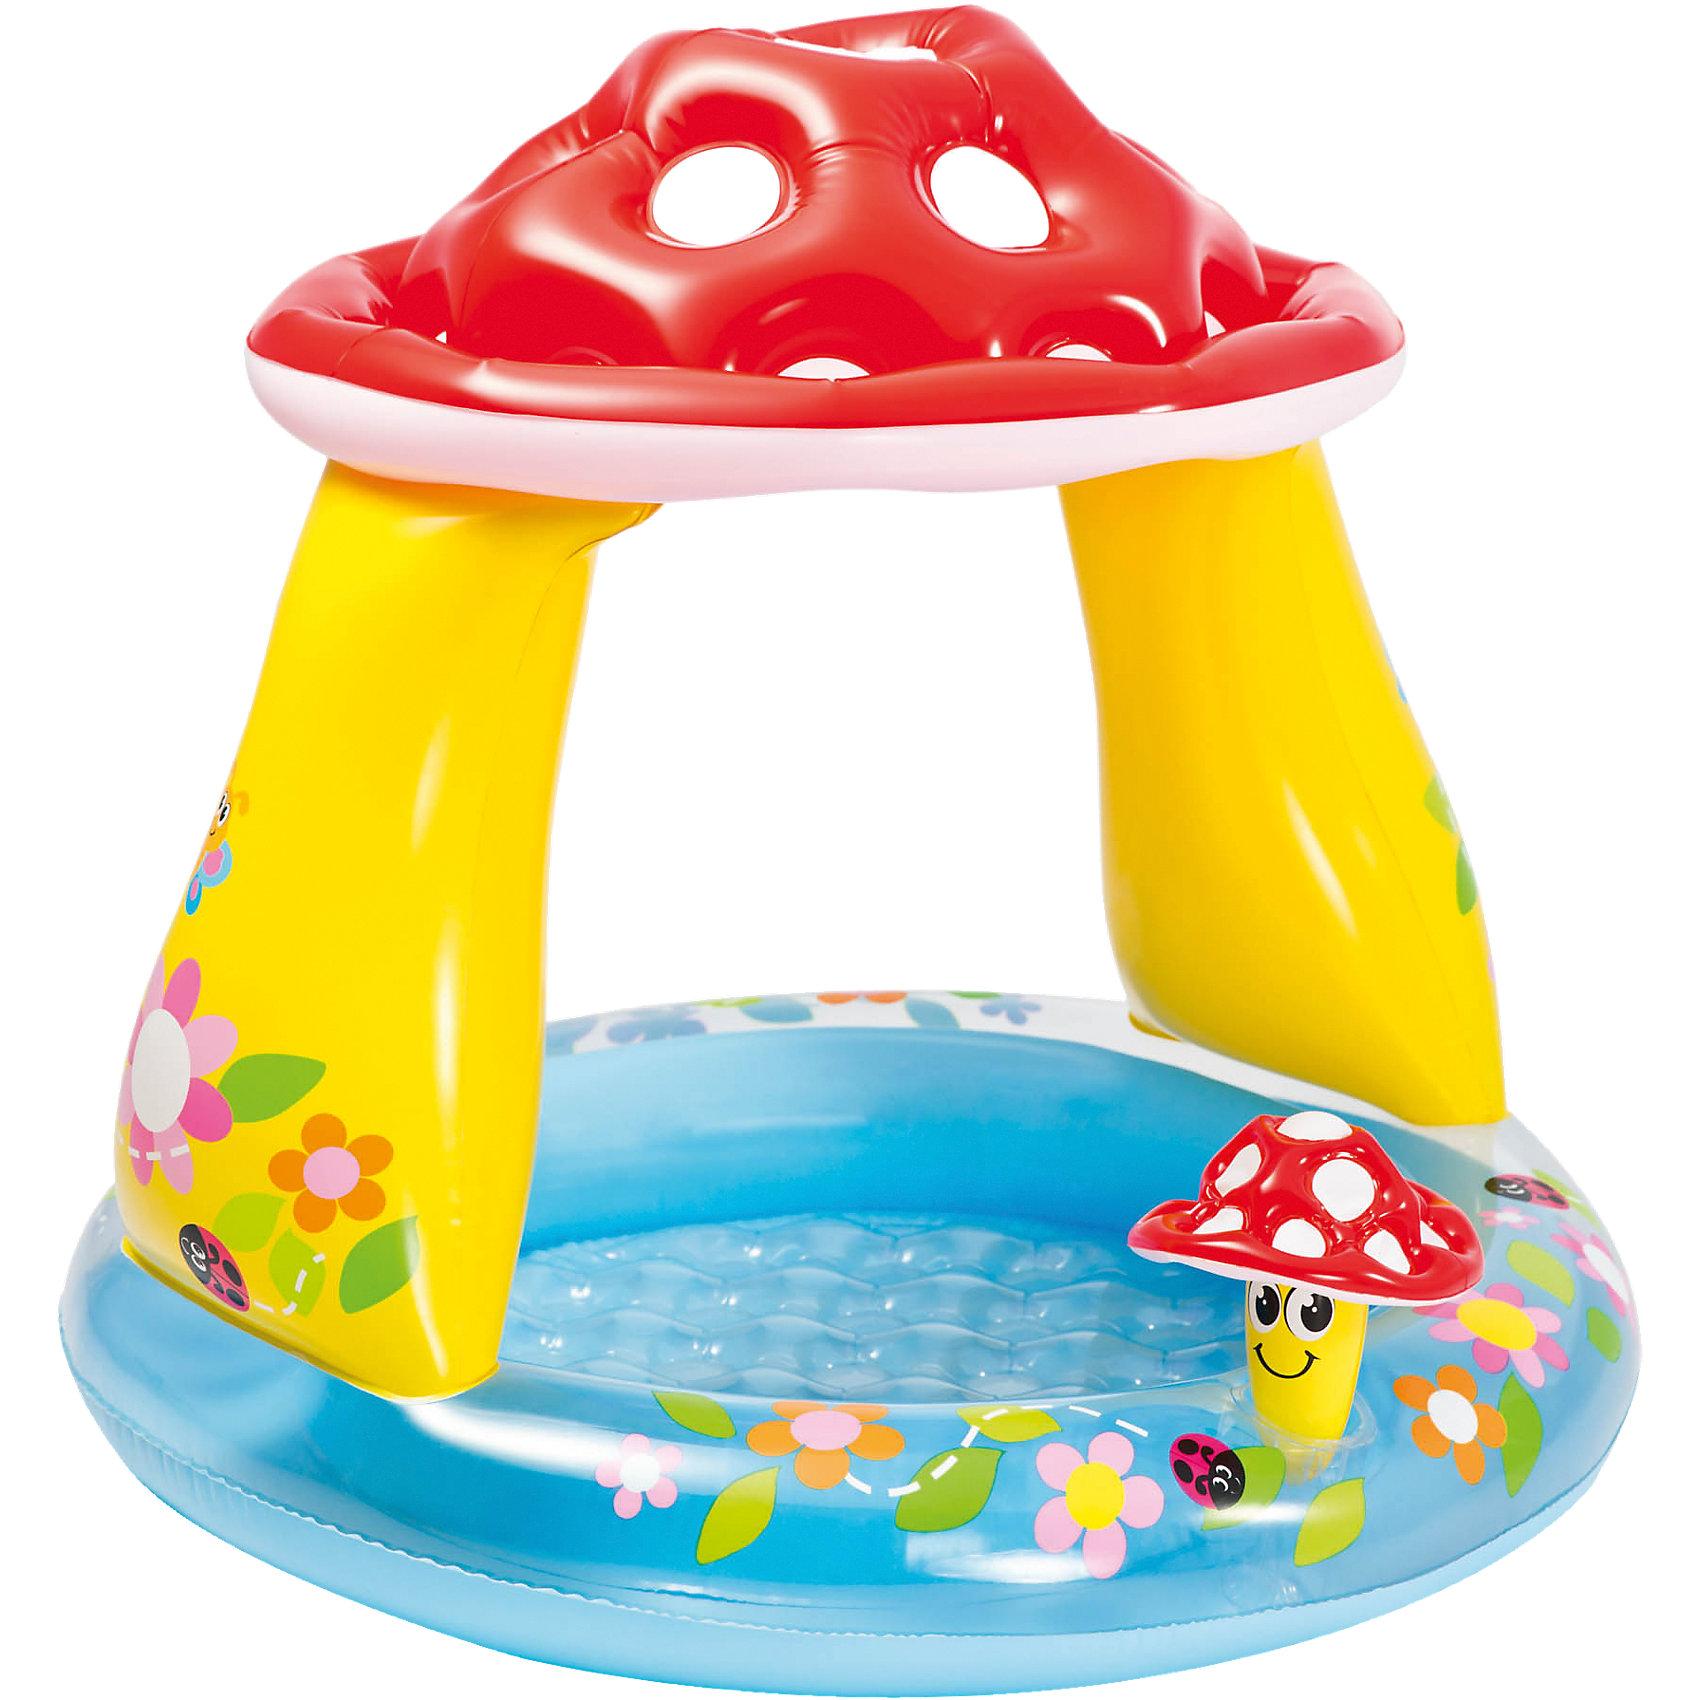 Детский бассейн Мухомор, IntexДетский бассейн Мухомор, Intex (Интекс) - яркий, качественный и безопасный бассейн отличное решение для отдыха ваших деток в летнее время.<br>Детский надувной бассейн «Мухомор» от Intex (Интекс) гарантирует вашему малышу море удовольствия, ведь он такой яркий и красочный. Бассейн имеет широкие невысокие бортики, предохраняющие малыша от травм, а наличие крыши в виде шляпки мухомора защитит ребенка от ярких солнечных лучей. Бассейн декорирован надувным грибочком. Глубина бассейна небольшая - всего 13 см, поэтому в нем могут купаться маленькие дети от 1 года под присмотром родителей. Изготовлен из прочного винила.<br><br>Дополнительная информация:<br><br>- Для детей от 1 года до 3 лет<br>- Размер: 102х89 см.<br>- Объем : 45 л.<br>- Глубина: 13 см.<br>- Тип дна: надувное<br>- Материал: высокопрочный ПВХ (винил) толщина 0,25 мм.<br>- Вес: 1,5 кг.<br><br>Детский бассейн Мухомор, Intex (Интекс) можно купить в нашем интернет-магазине.<br><br>Ширина мм: 258<br>Глубина мм: 228<br>Высота мм: 94<br>Вес г: 1433<br>Возраст от месяцев: 12<br>Возраст до месяцев: 36<br>Пол: Унисекс<br>Возраст: Детский<br>SKU: 4251406